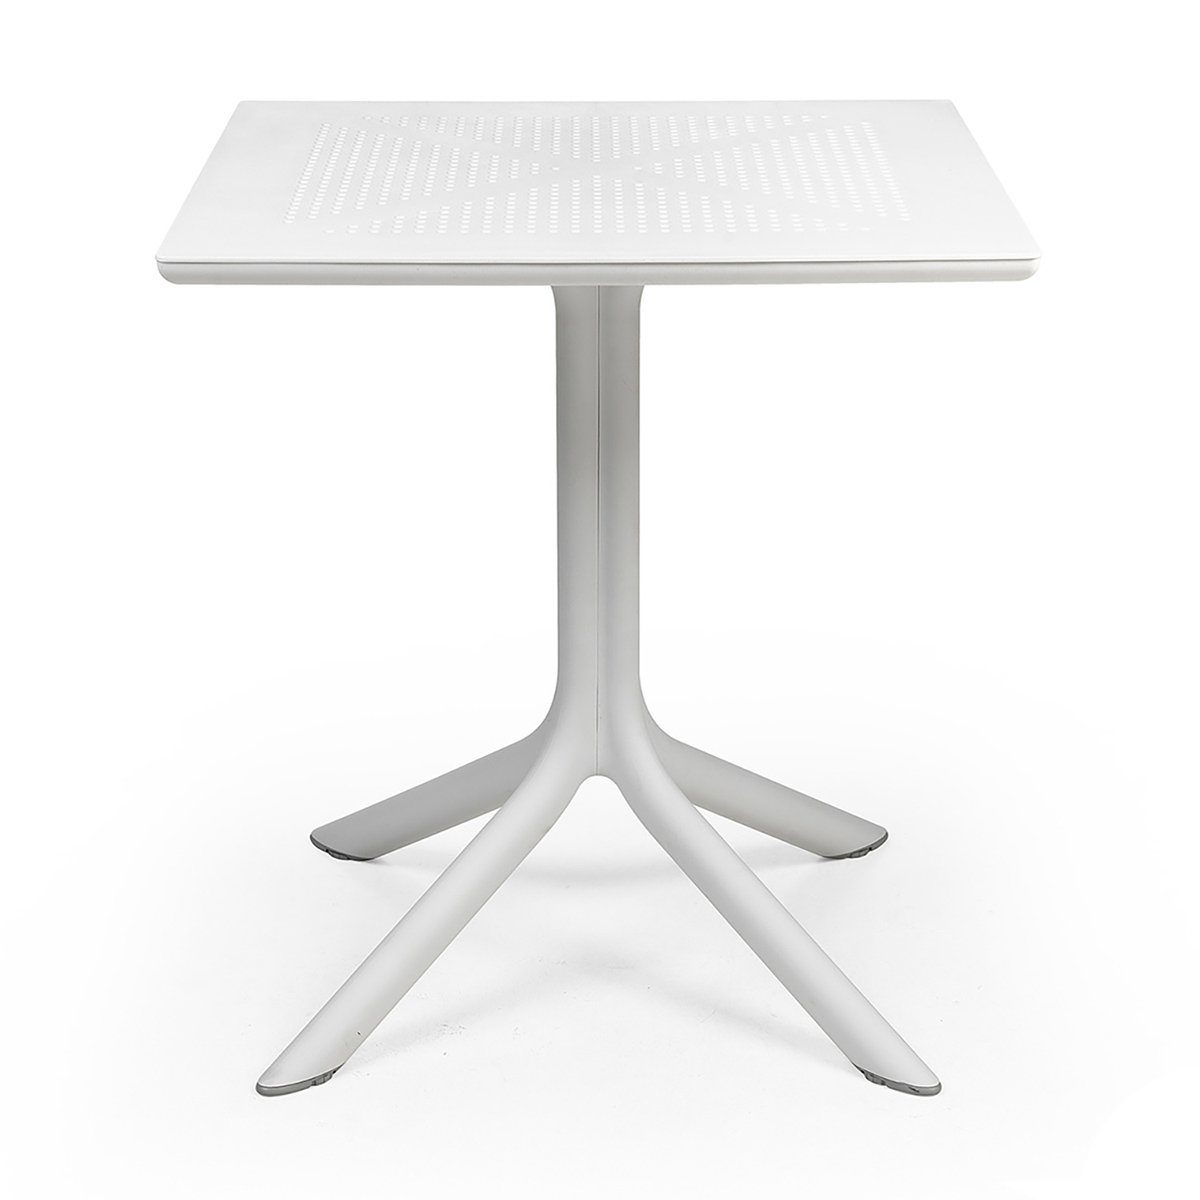 Clip cafébord i vitt 70x70 cm från Brafab.